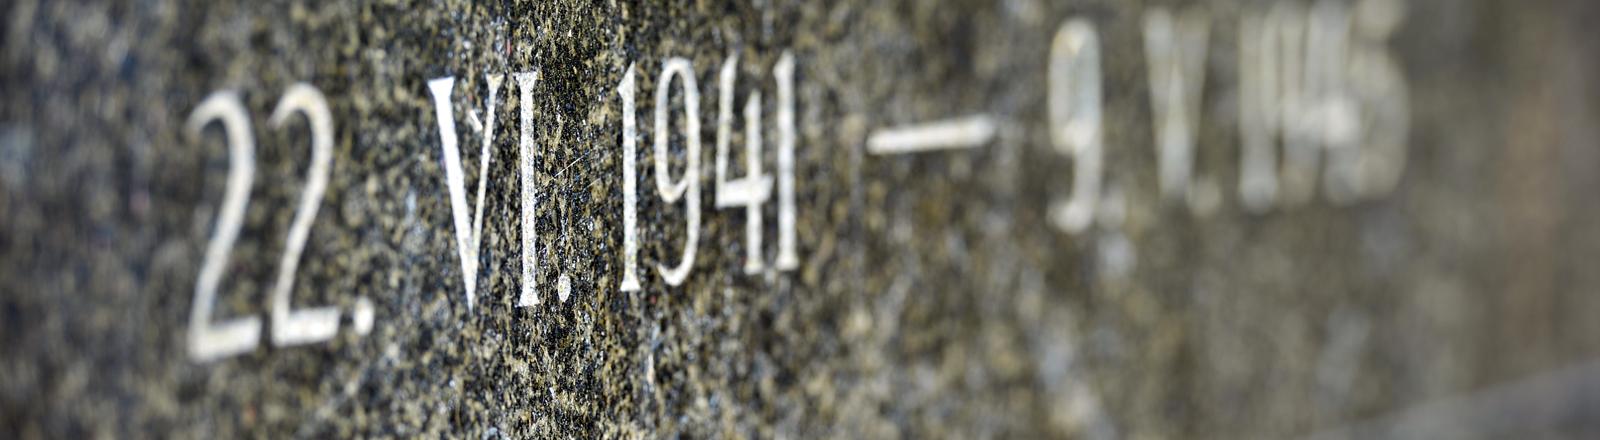 22.Juni 1941: Ueberfall von Hitlerdeutschland auf die Sowjetunion - Das Sowjetische Ehrenmal fuer die Gefallenen im Grossen Vaterlaendischen Krieg in Grimma (22.05.2015).